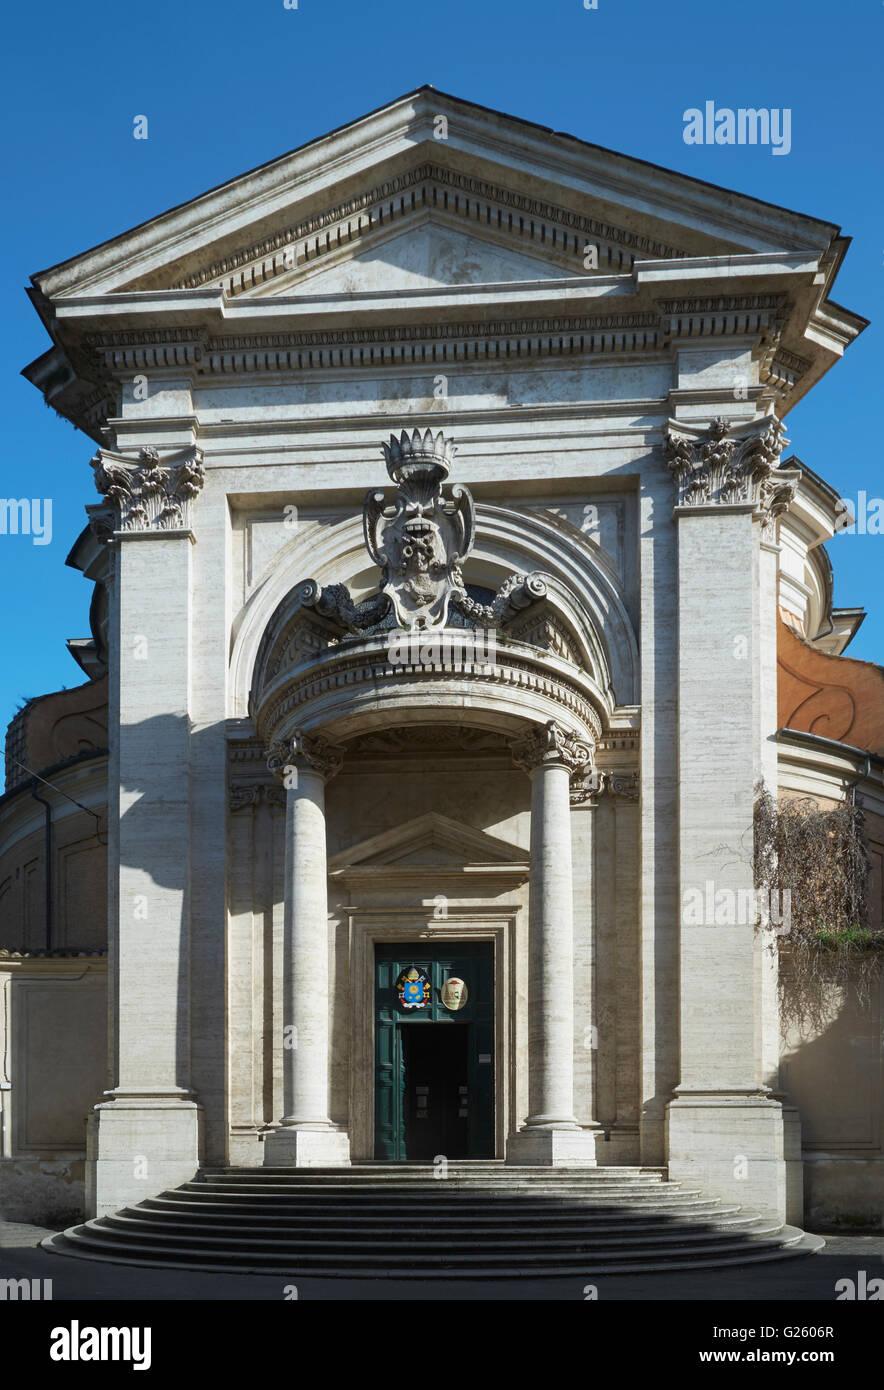 Sant' Andrea al Quirinale, facade with pediment above semicircular portico by Gianlorenzo Bernini, 1658-1670 - Stock Image